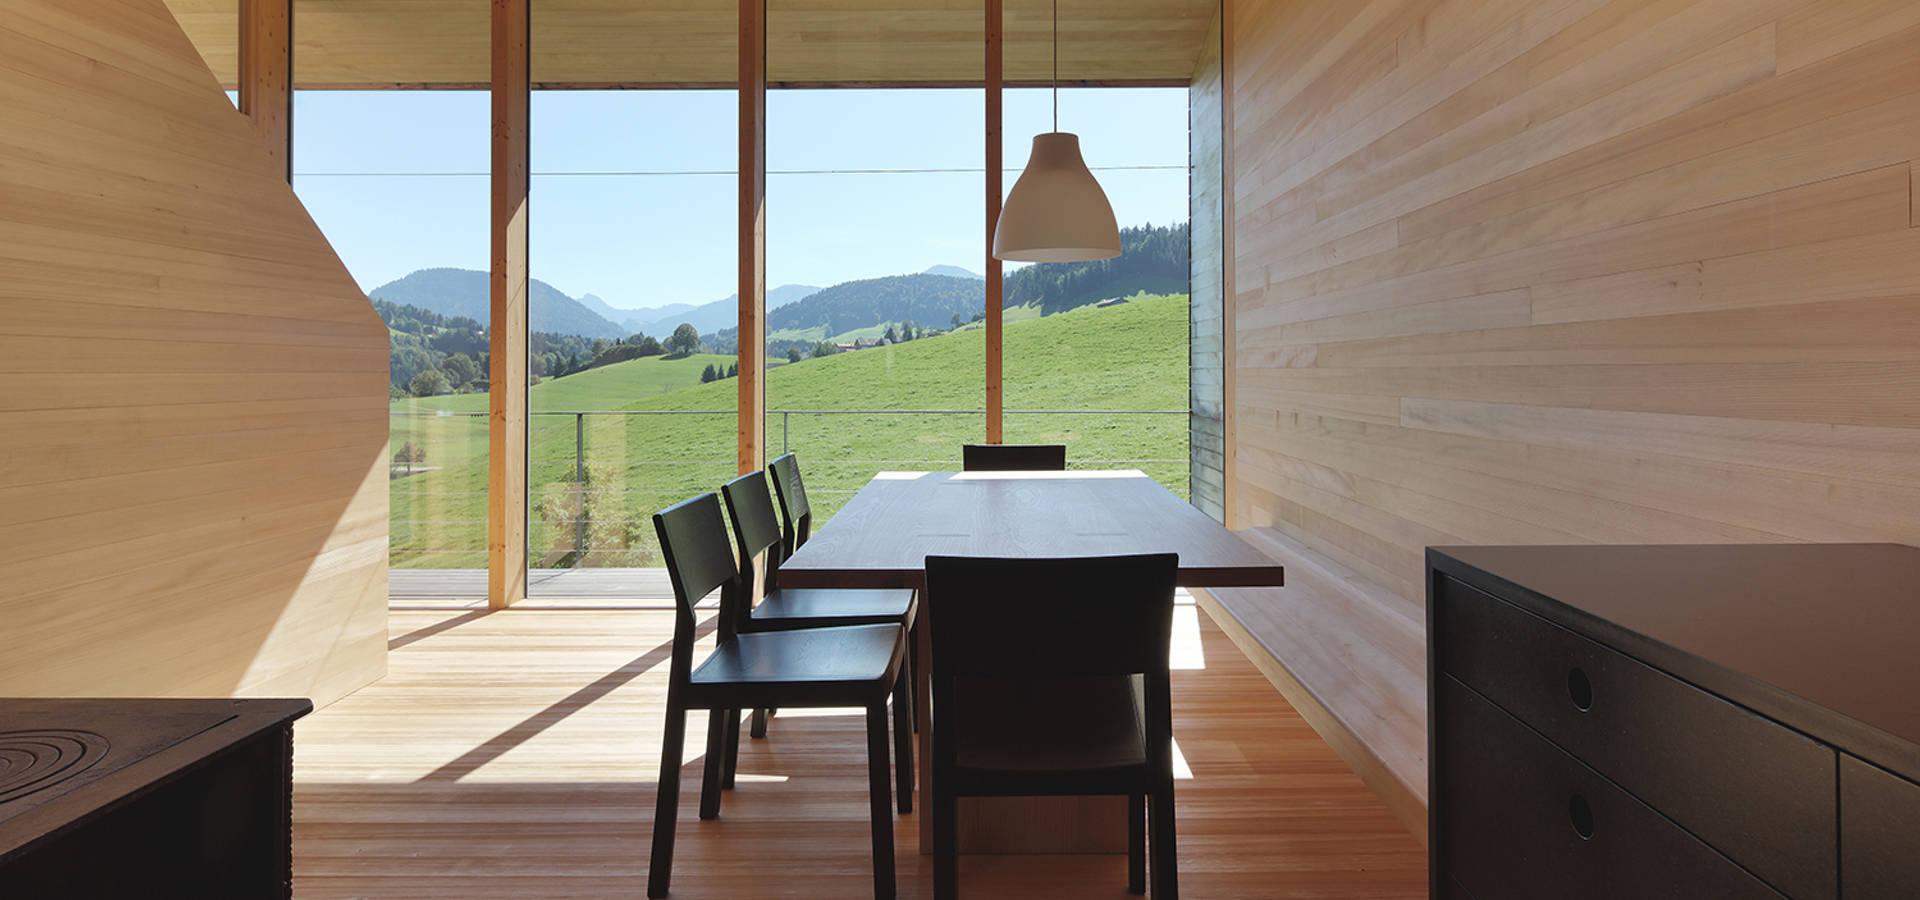 bienenhus ferienhaus in vorarlberg von yonder architektur und design homify. Black Bedroom Furniture Sets. Home Design Ideas